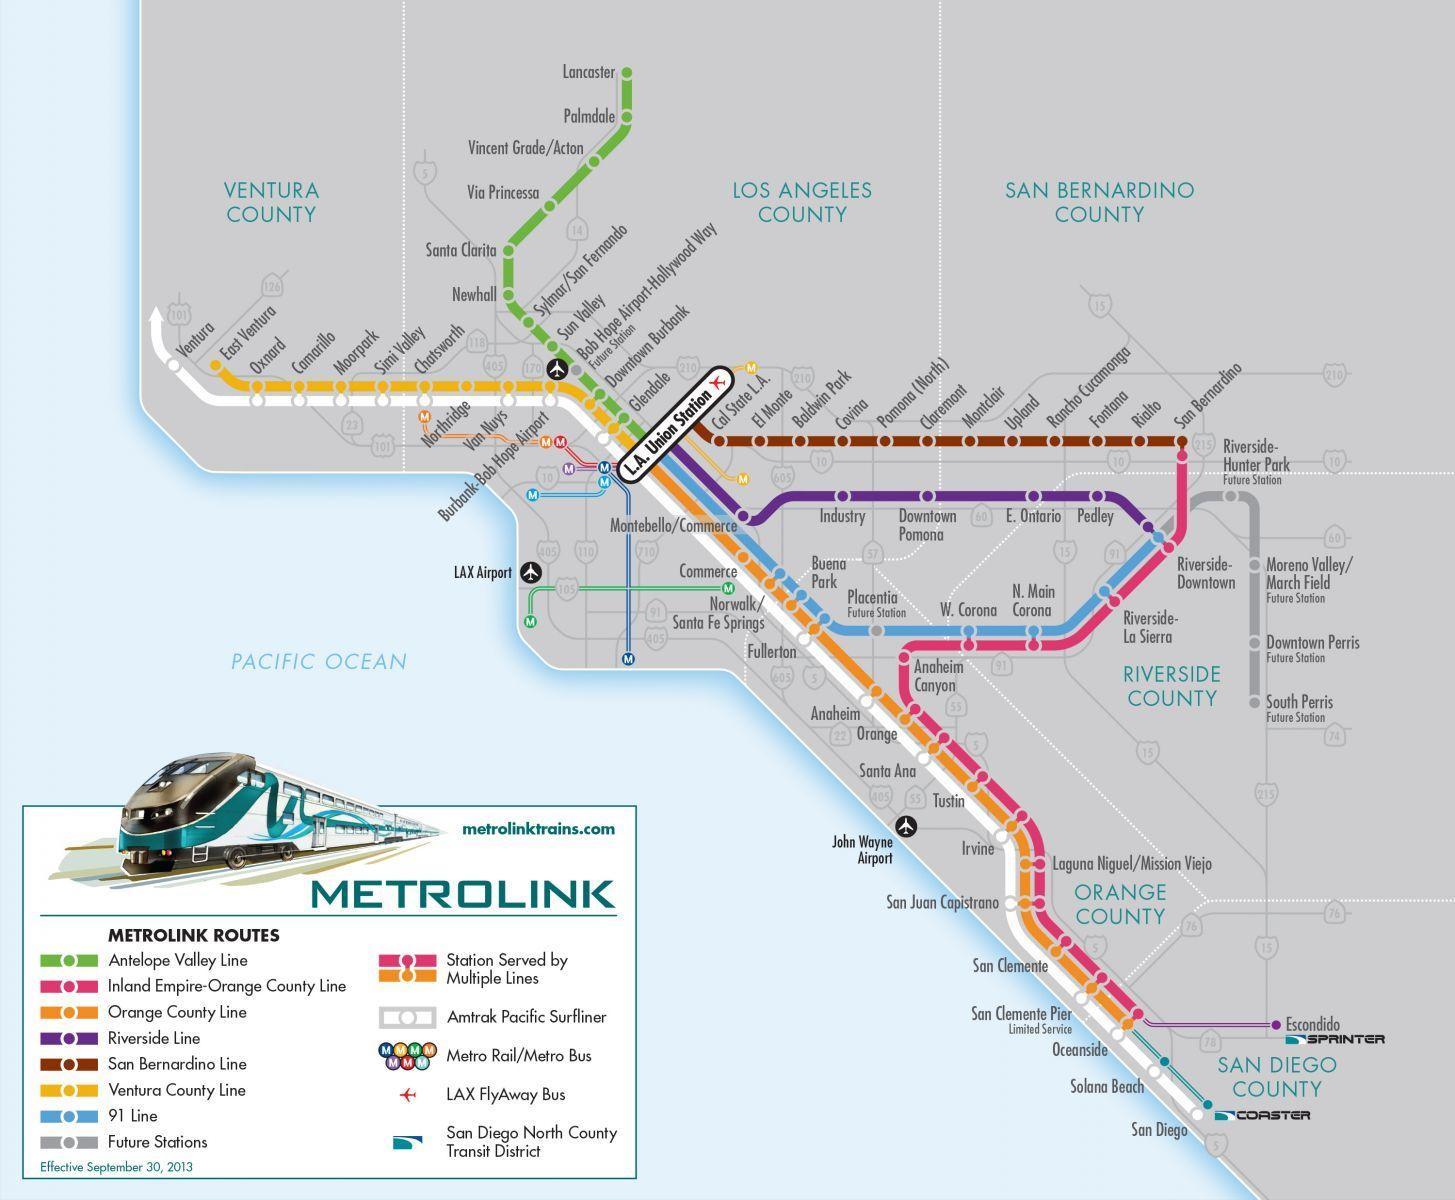 metrolink map by la travel pinterest